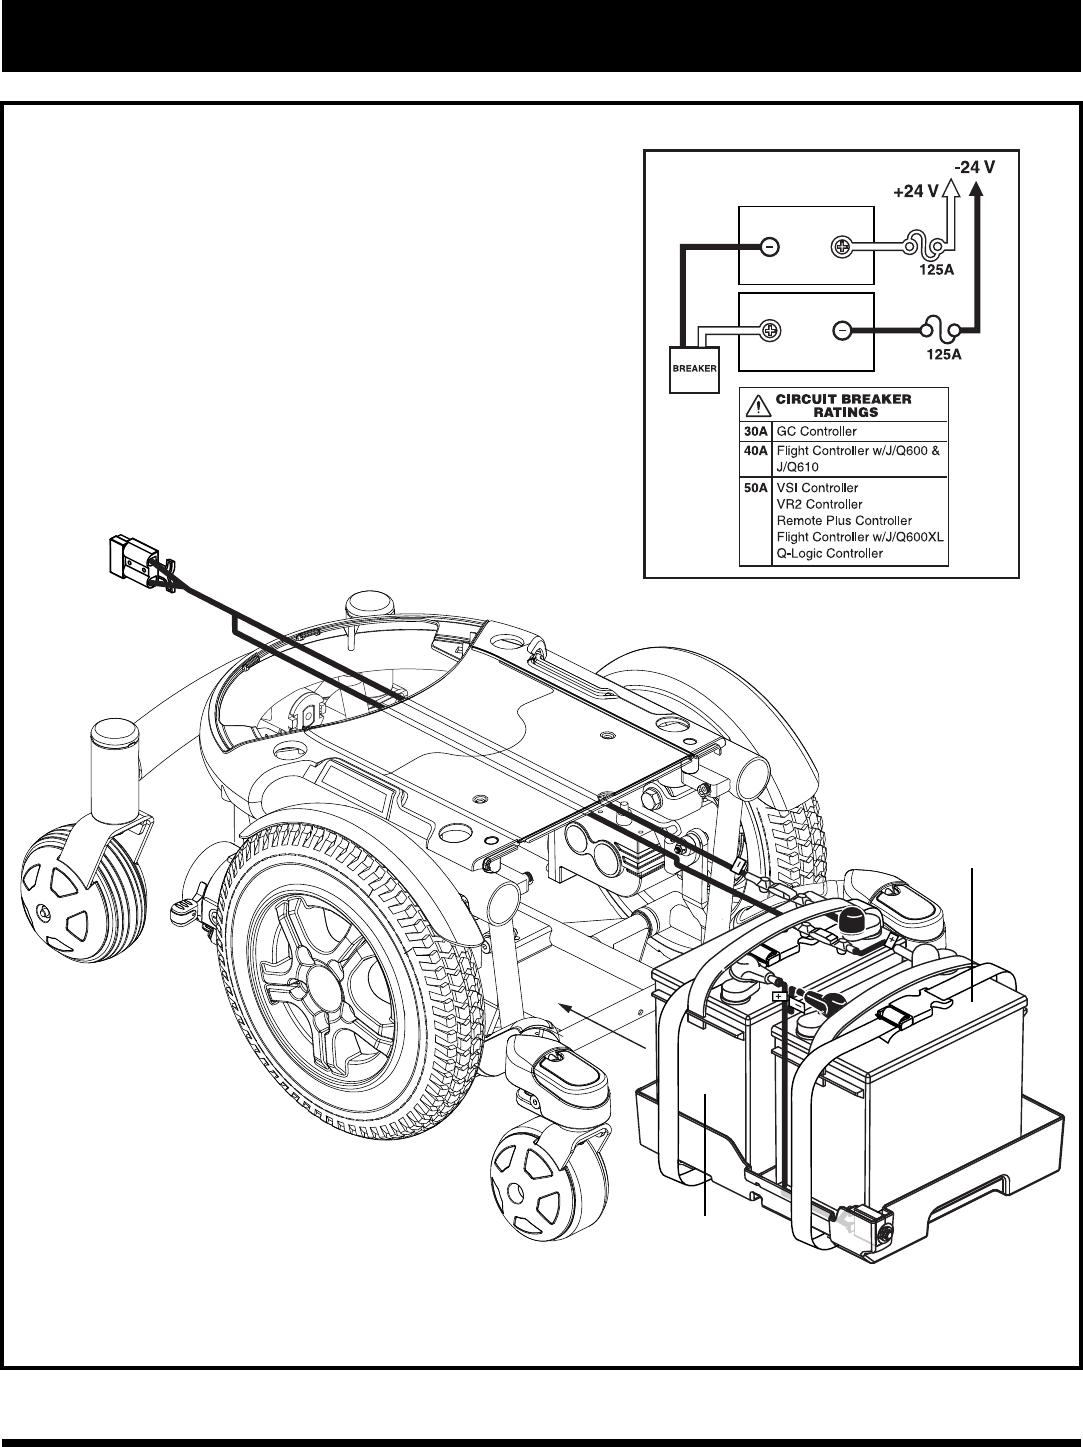 razor controller wiring diagram 7 wire razor pocket rocket charger razor pr200 wiring diagram